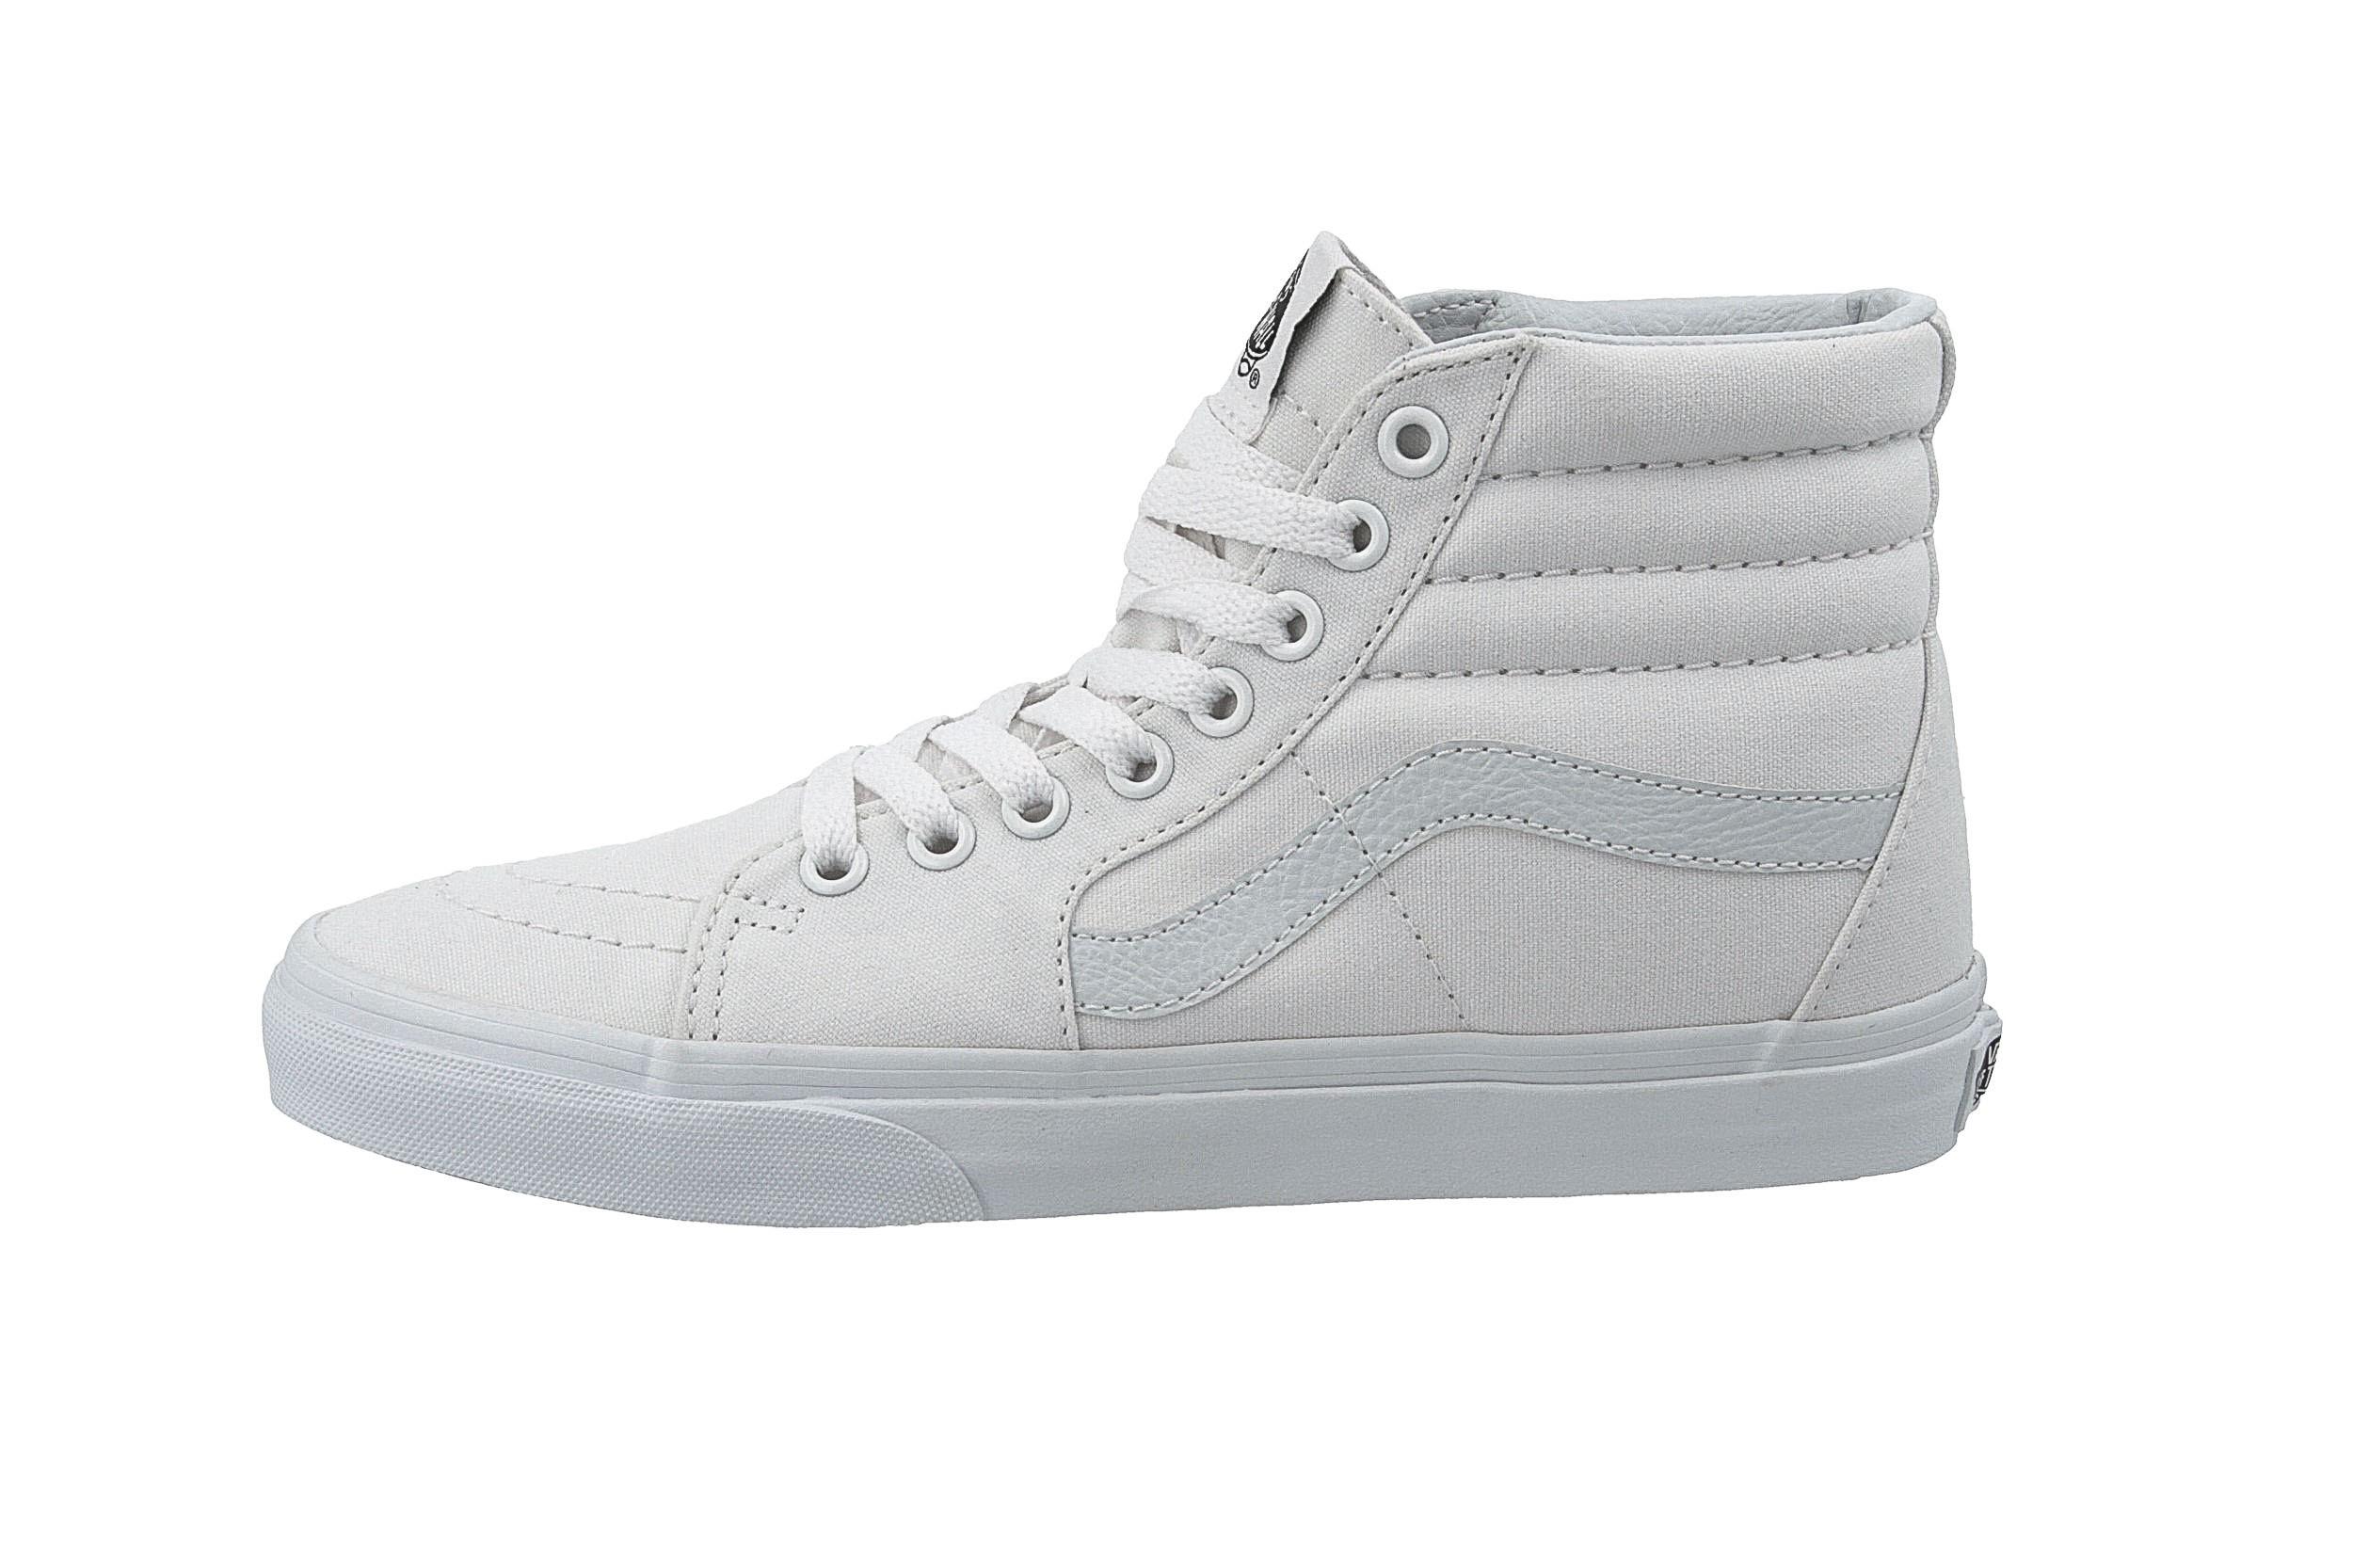 Sneakersy VANS Sk8 Hi VN000D5IW00 True White